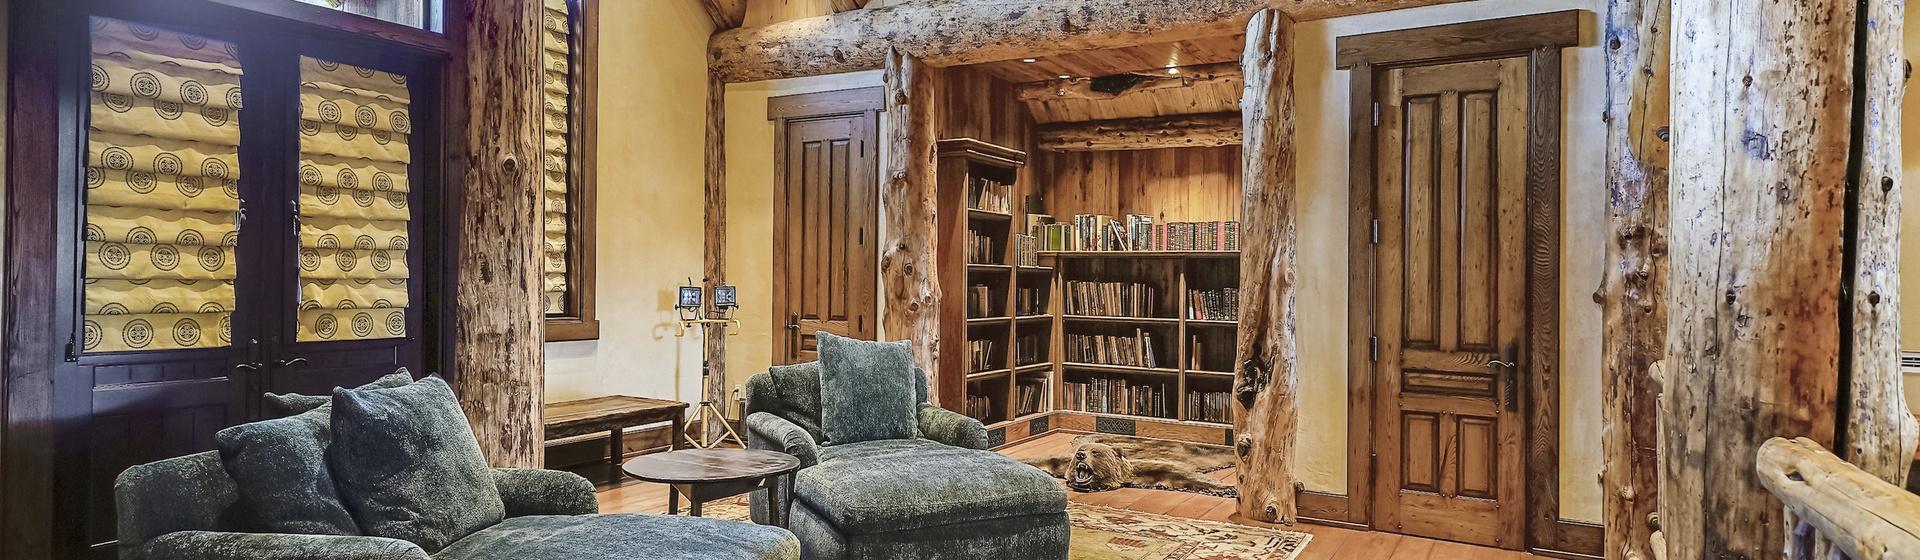 5.8-Telluride-Sleeping-Indian-Ranch-east-wing-suite-loft-sitting-room-web.JPG